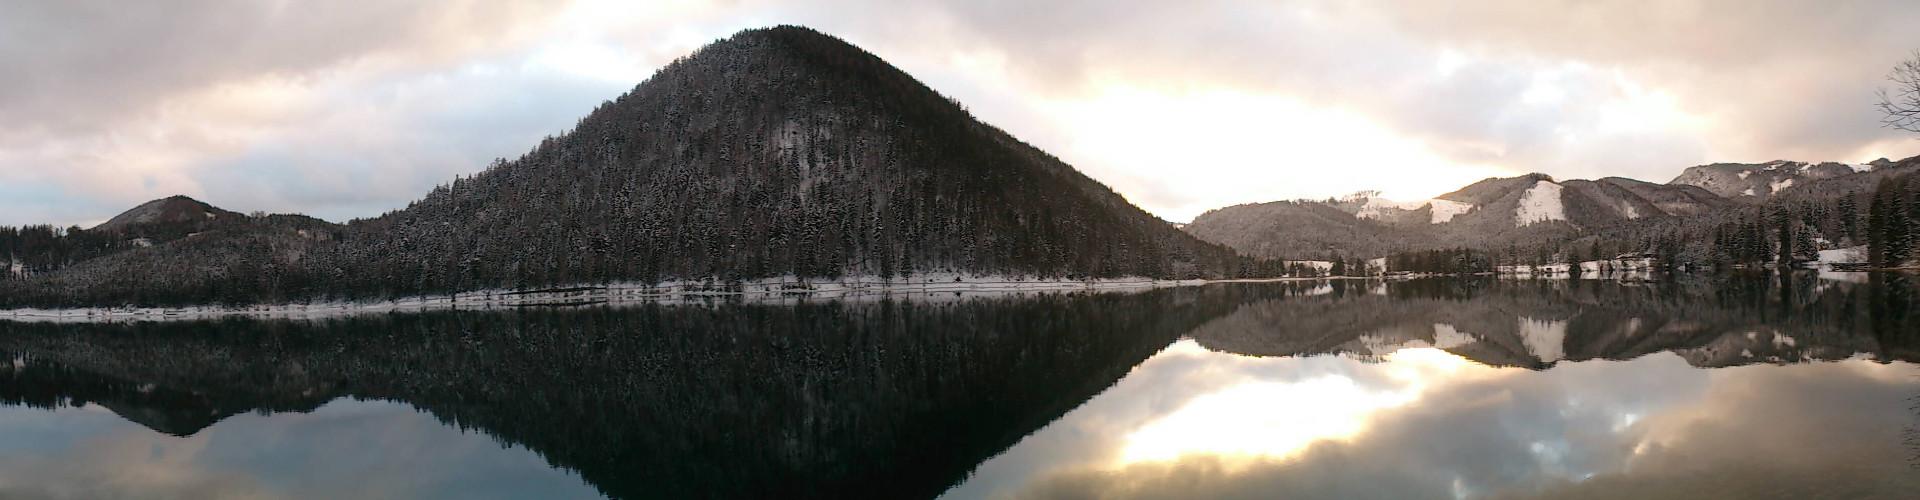 Erlaufsee im Winter, © TVB Mariazeller Land